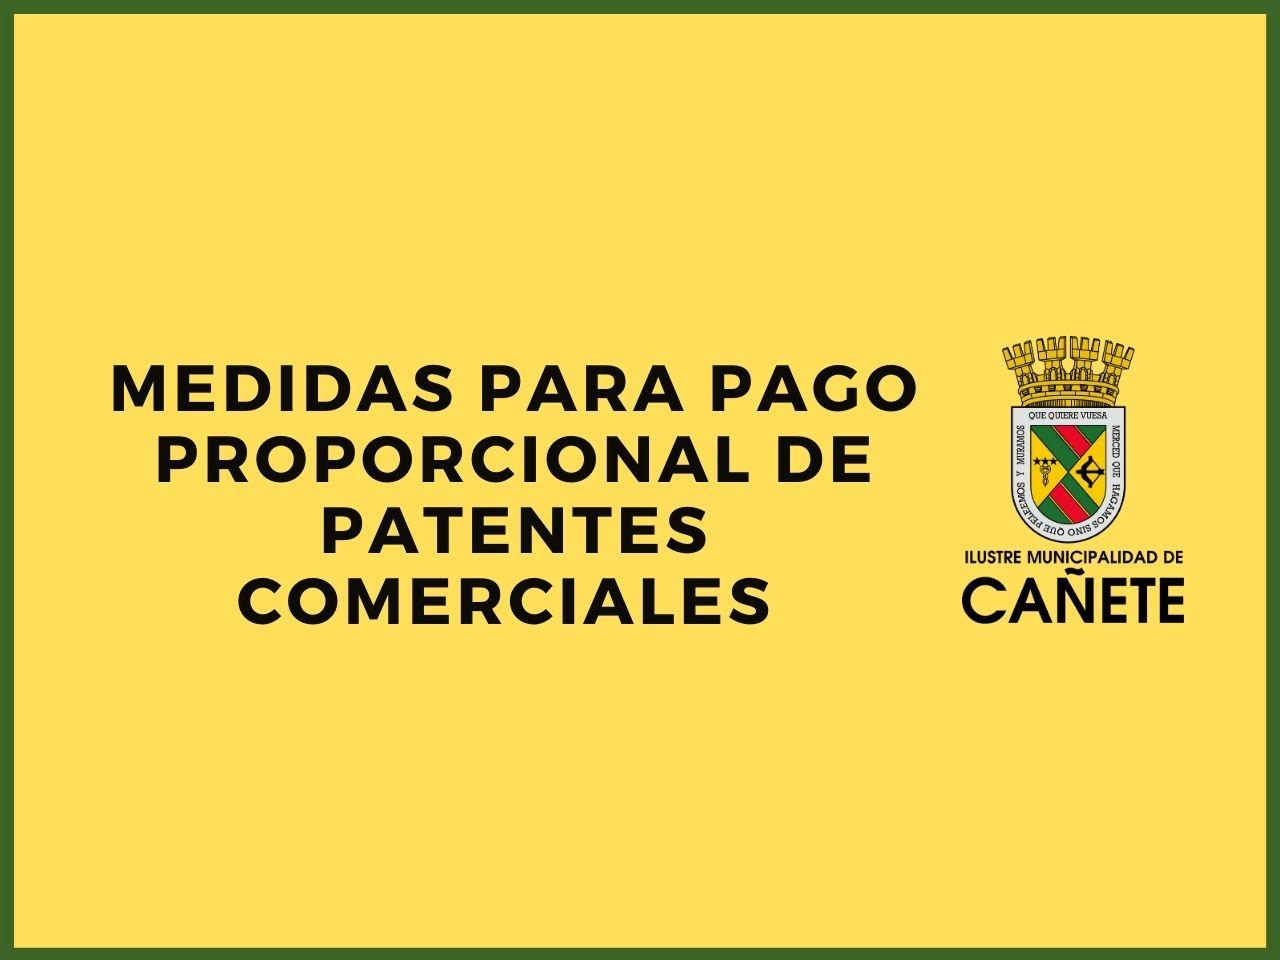 MUNICIPIO DE CAÑETE PERMITIRÁ PAGO FRACCIONADO Y PROPORCIONAL DE PATENTES AL COMERCIO NO ESENCIAL DURANTE LA CUARENTENA